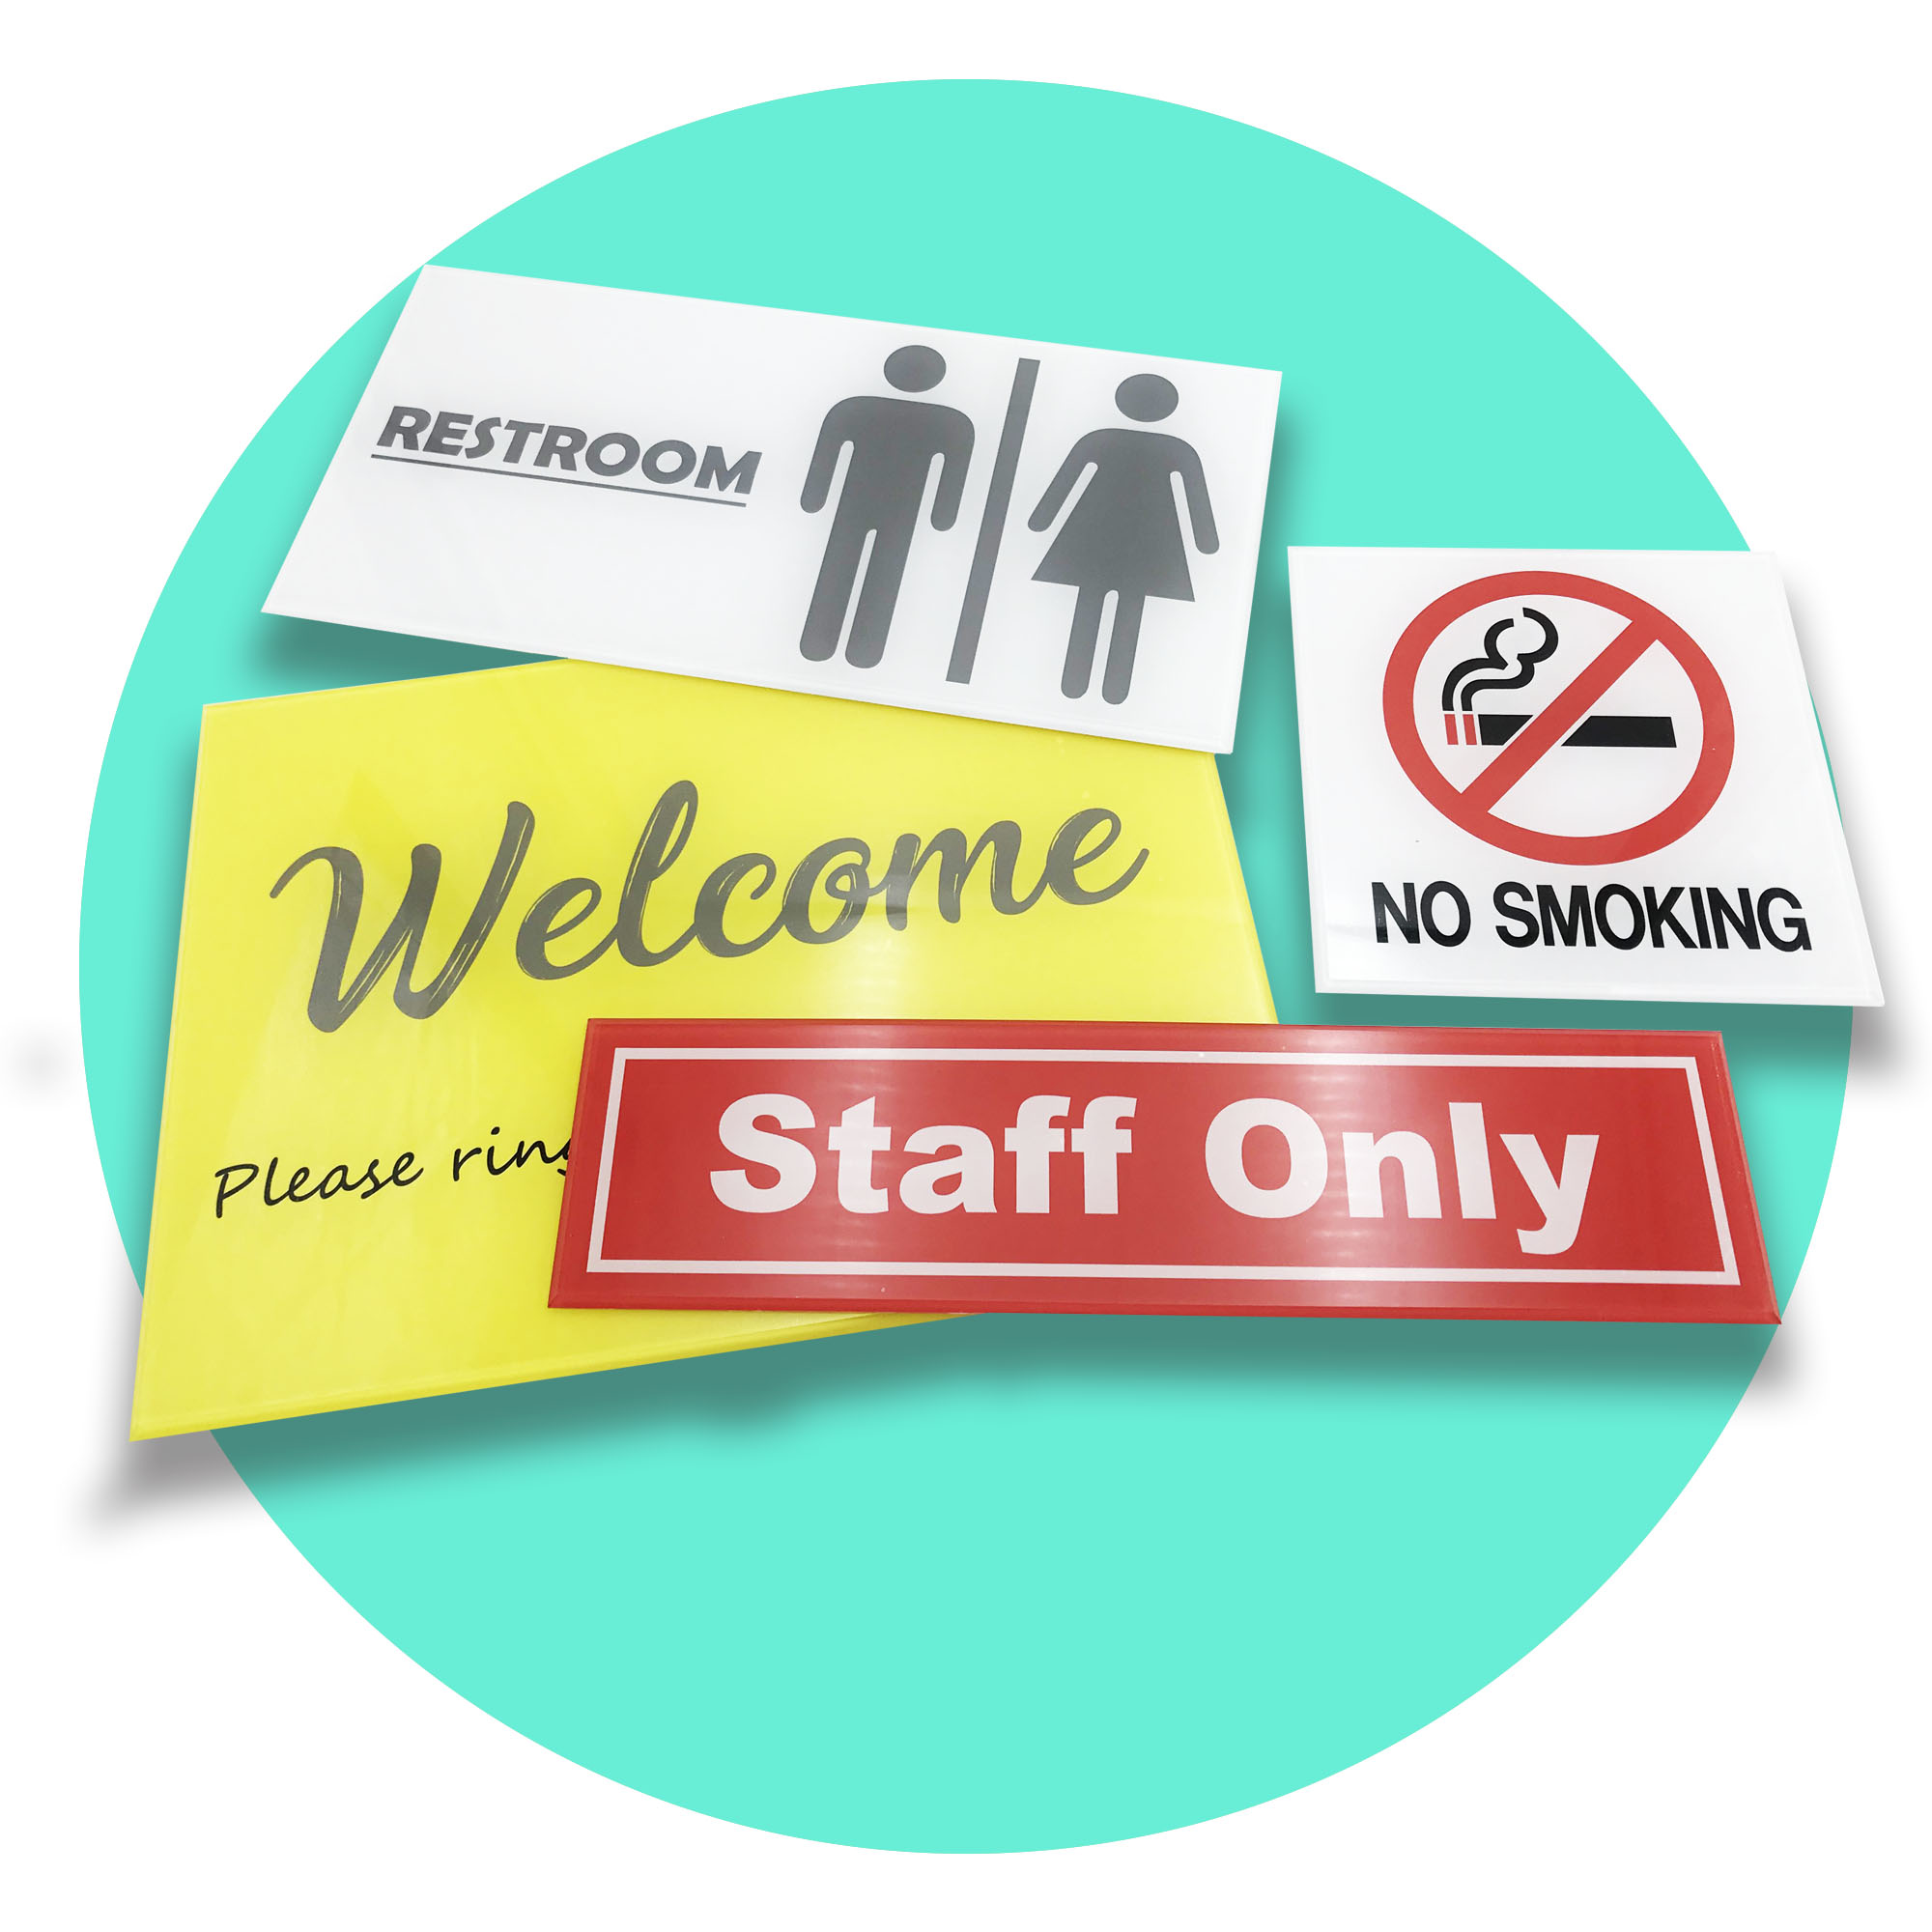 Acrylic Signage (Express) - Standard Size